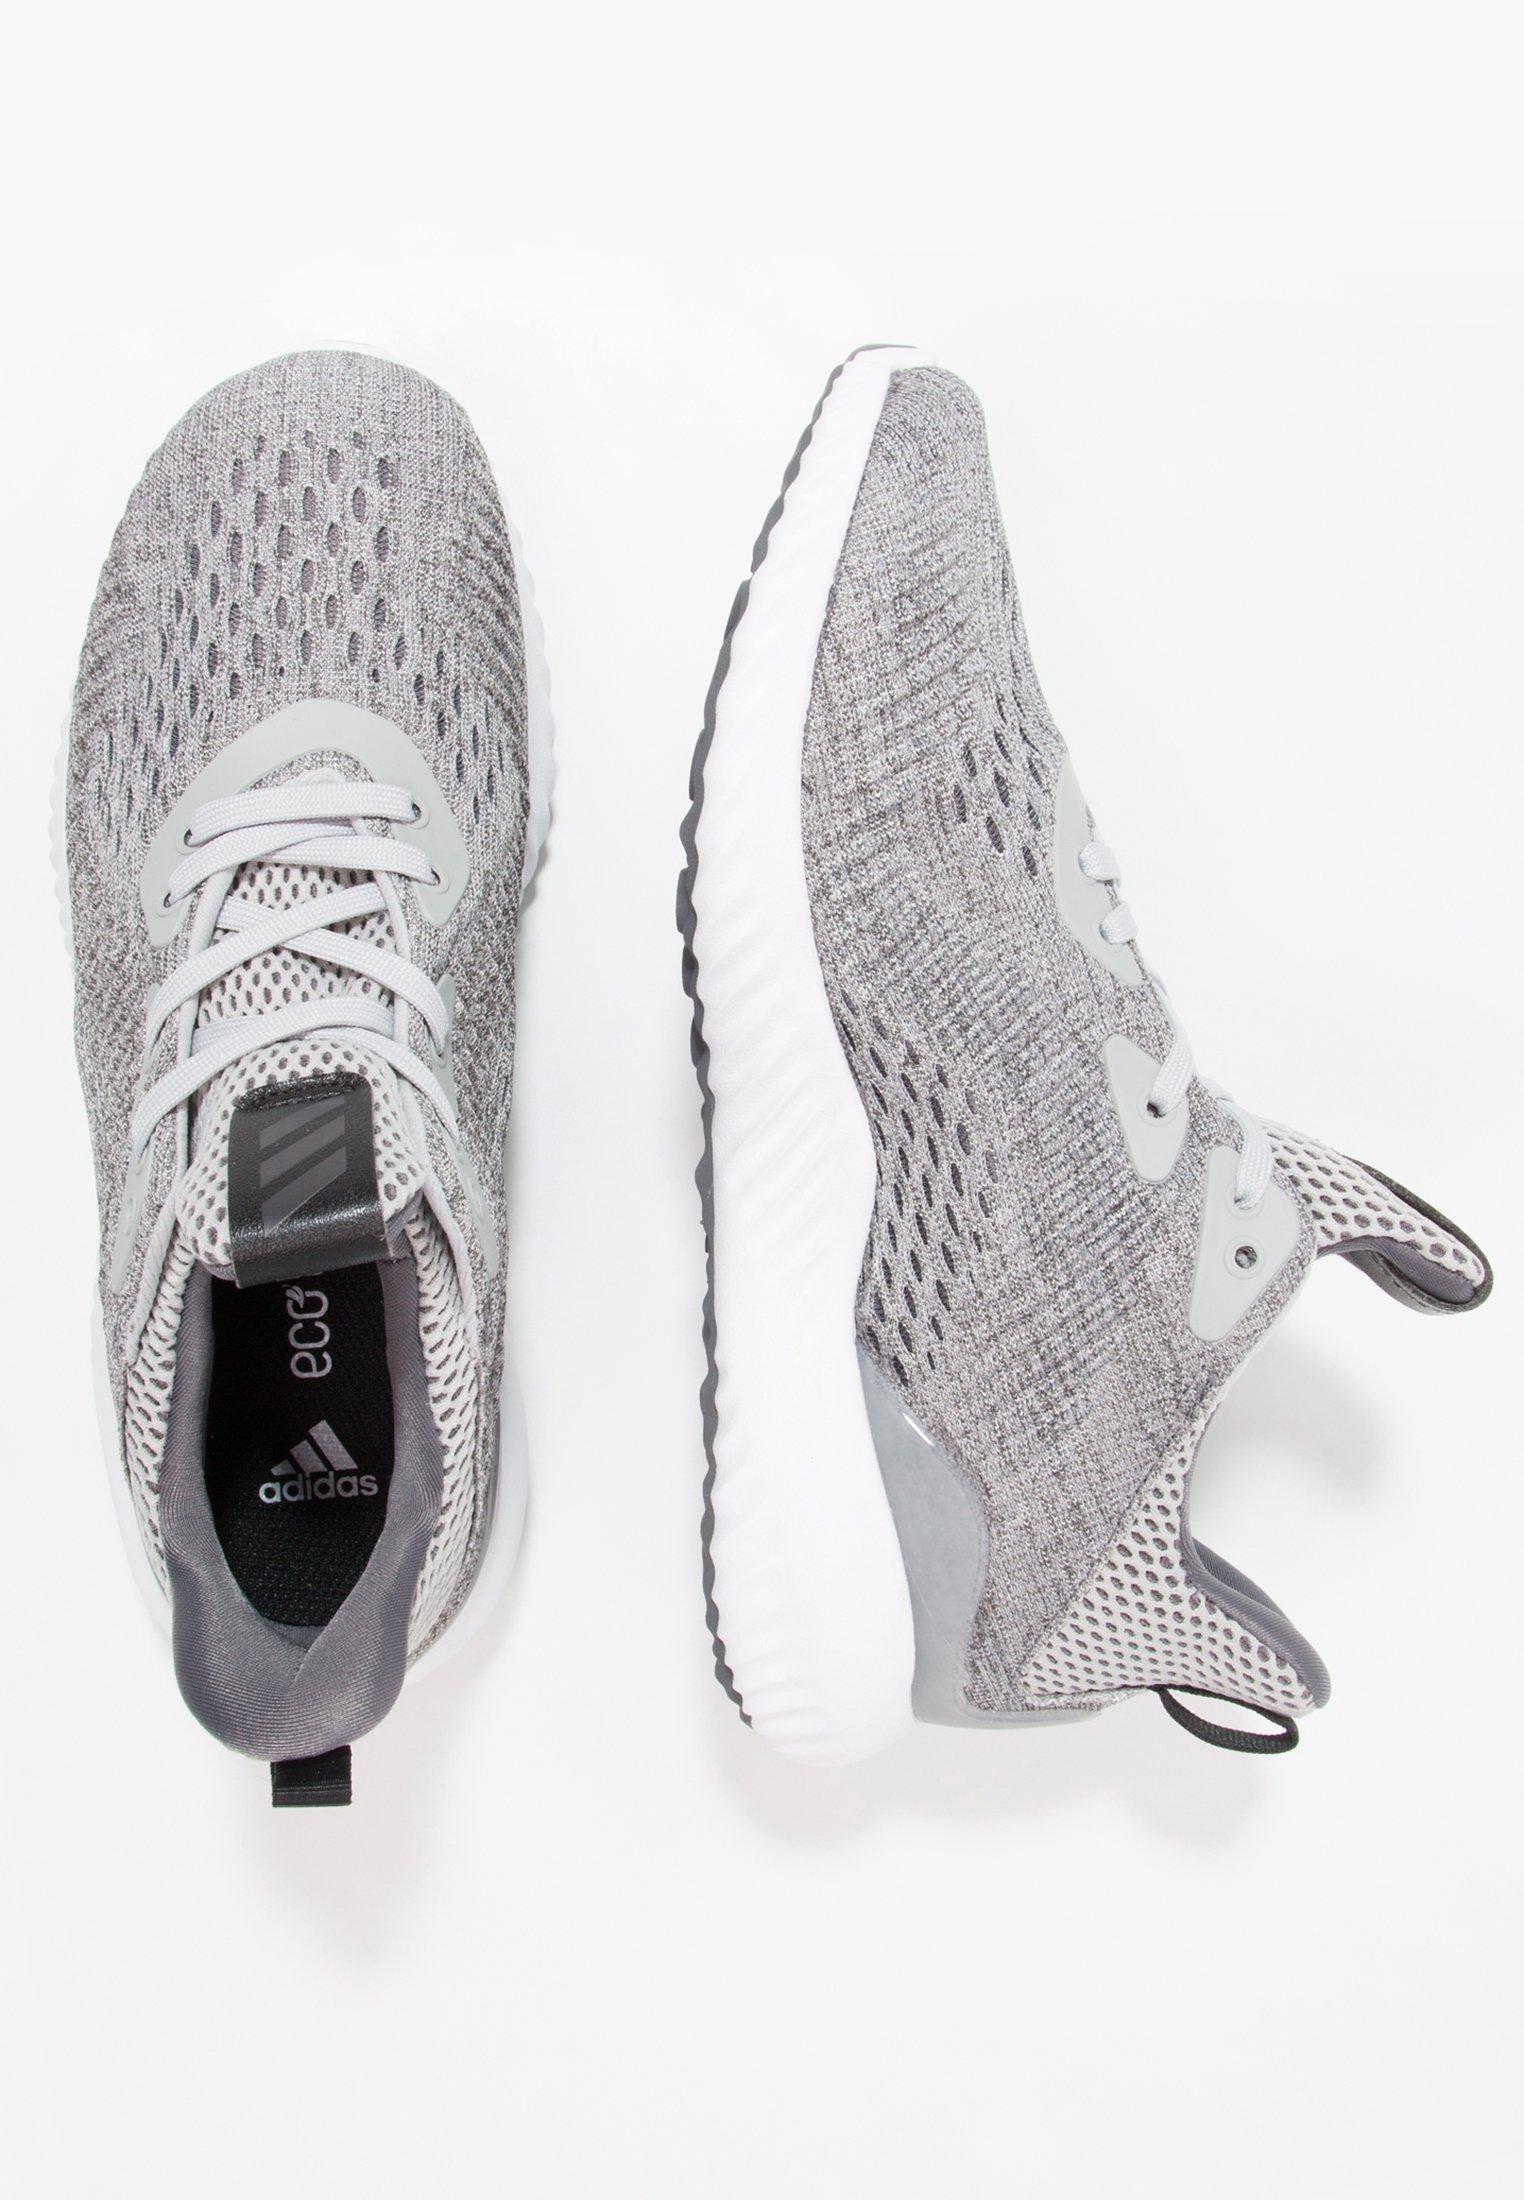 adidas Alphabounce EM (kids) sneakers -70% @ Zalando